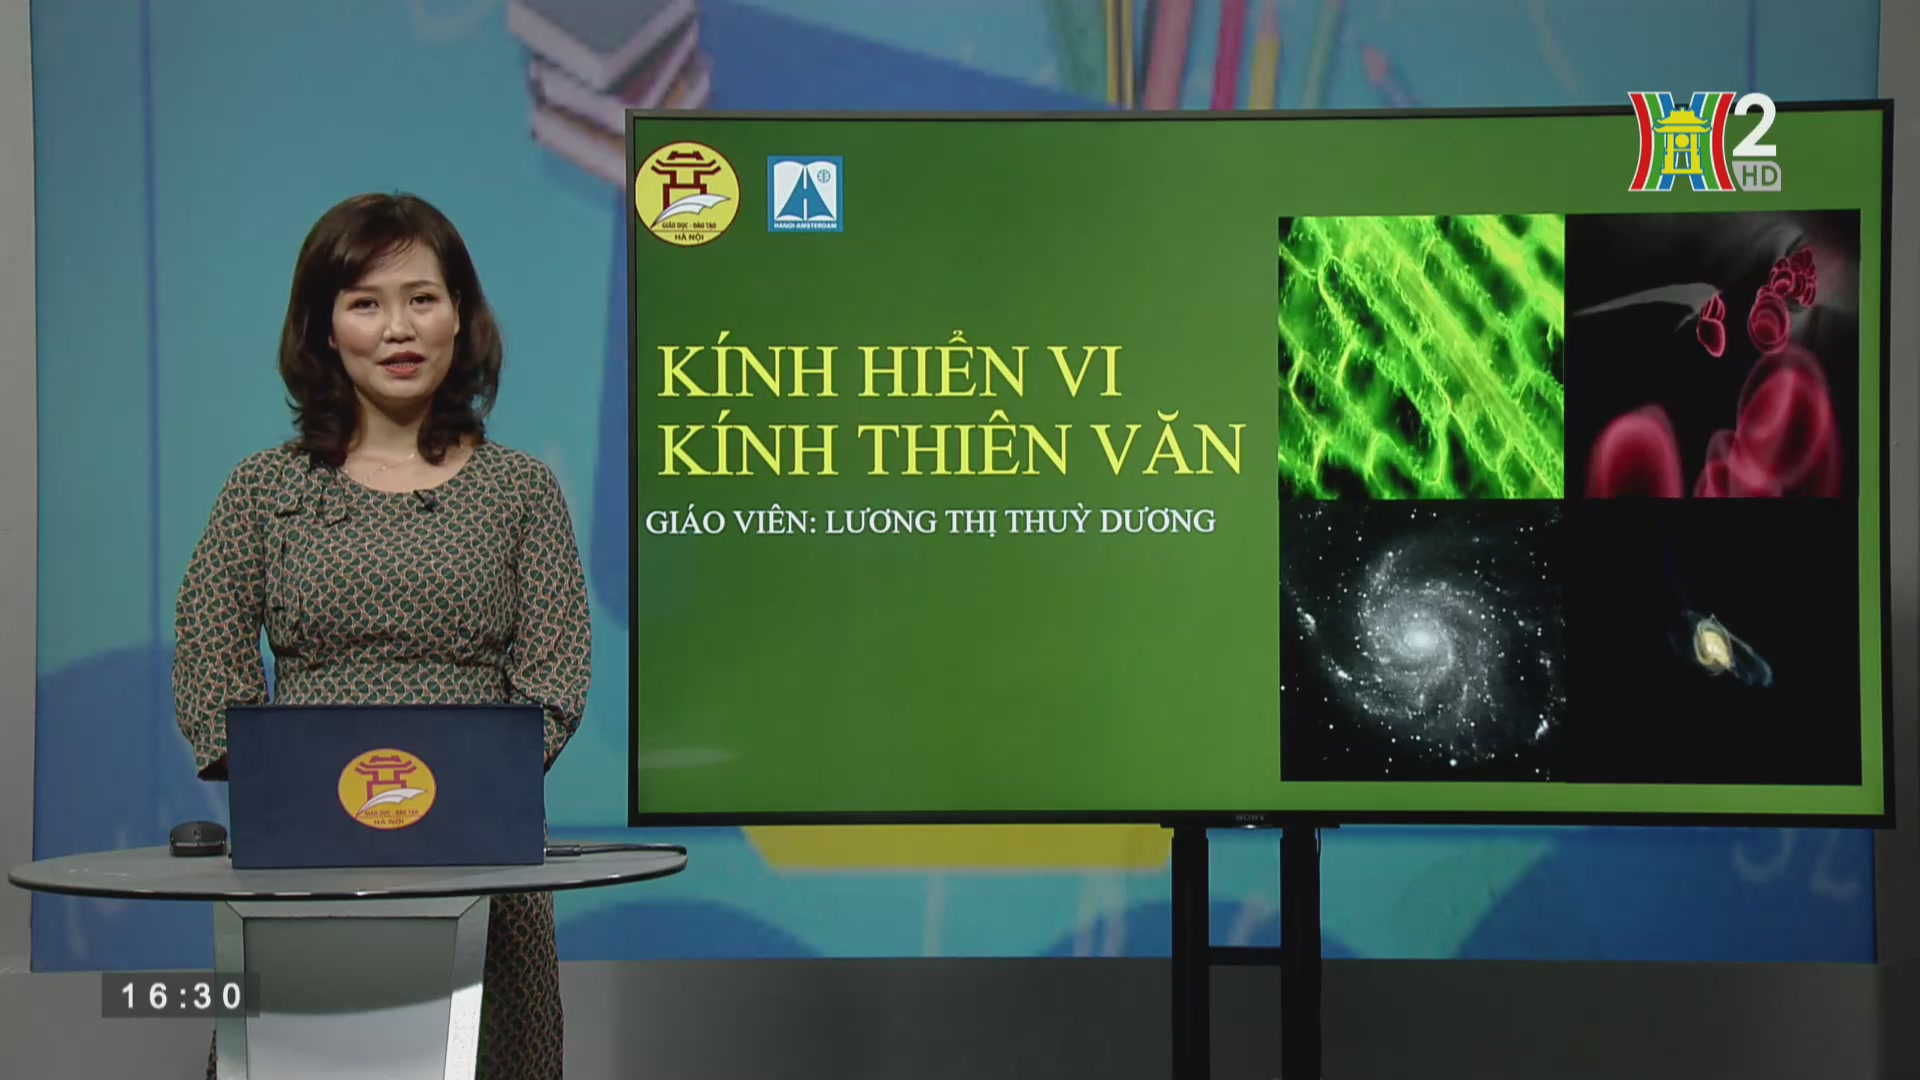 Bài 33 + Bài 34: Kính hiển vi - Kính thiên văn